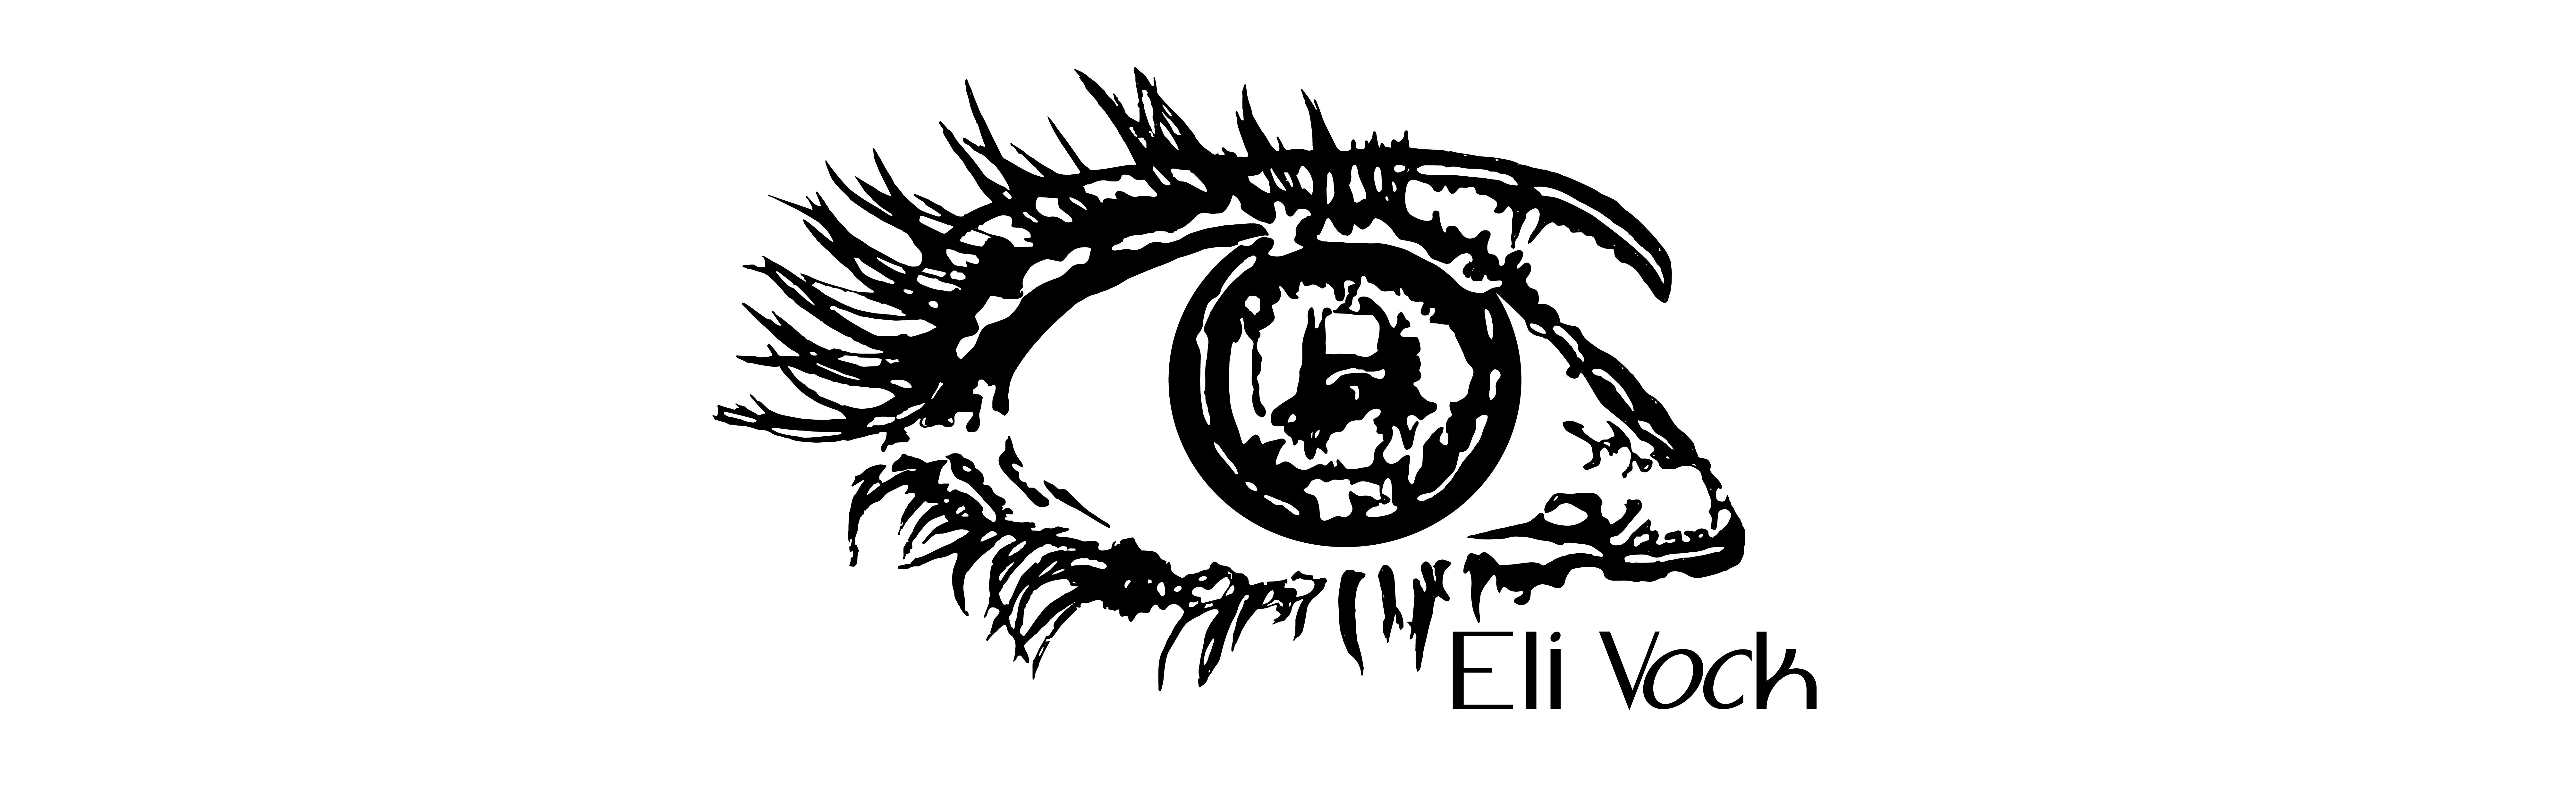 Eli Vock